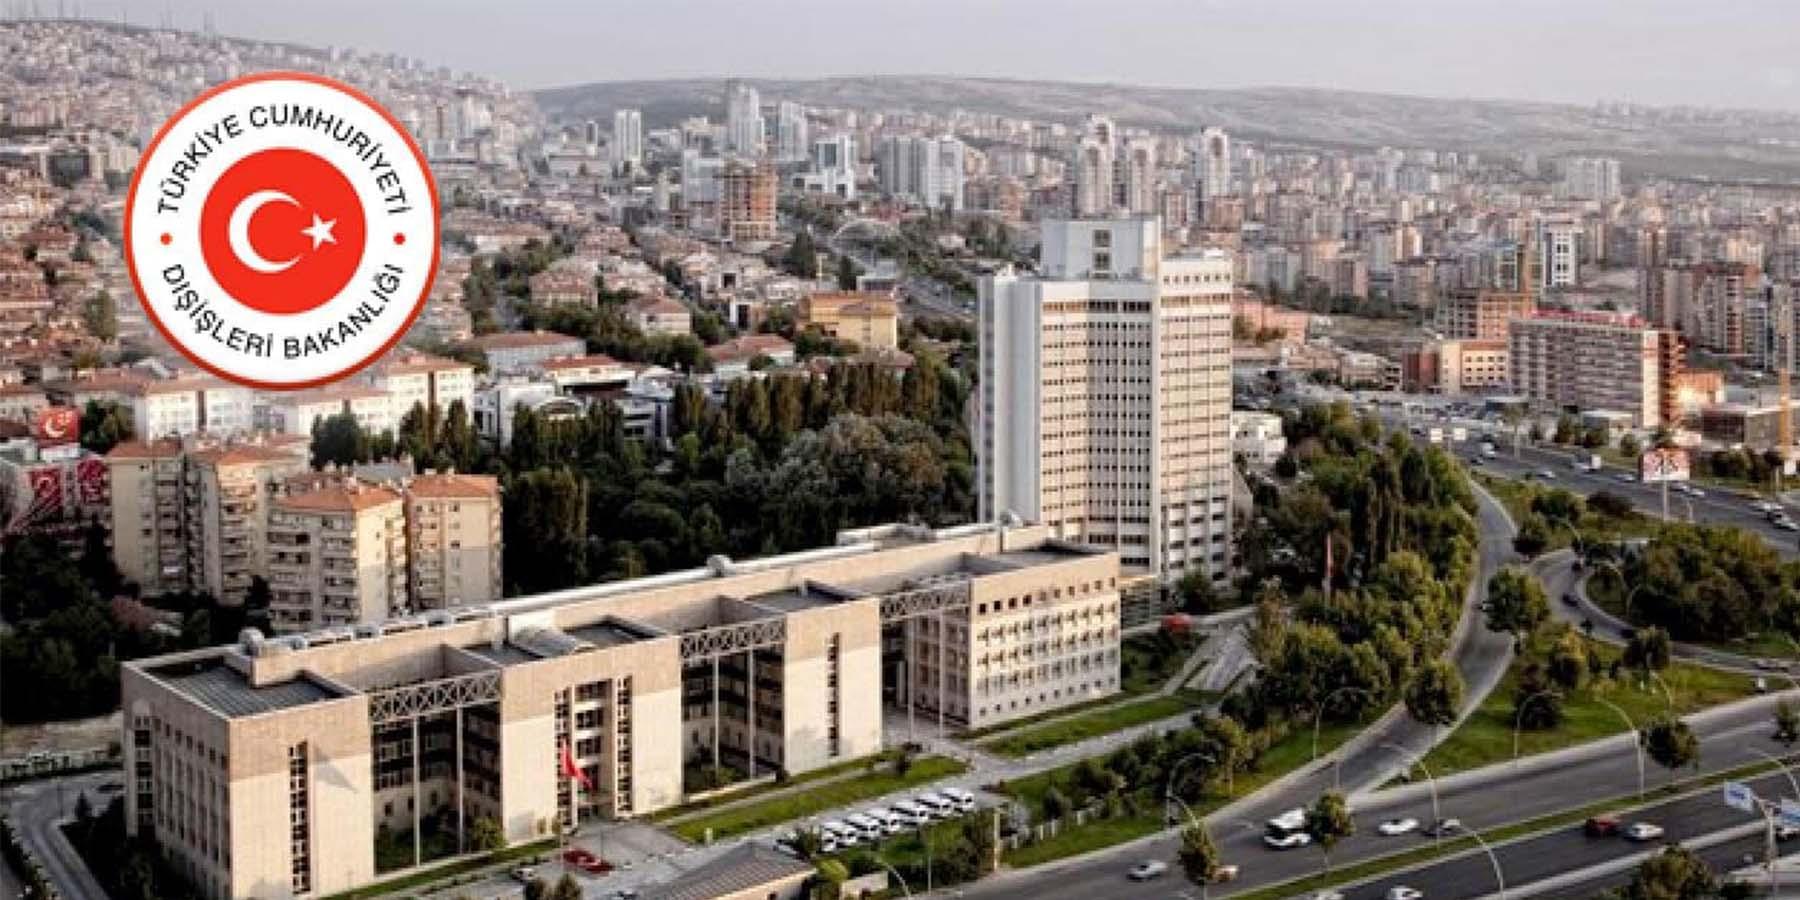 SON DAKİKA! Dışişleri Bakanlığından Doğu Kudüs açıklaması: Bu raddeye ulaşmasının sorumlusu İsrail'dir!